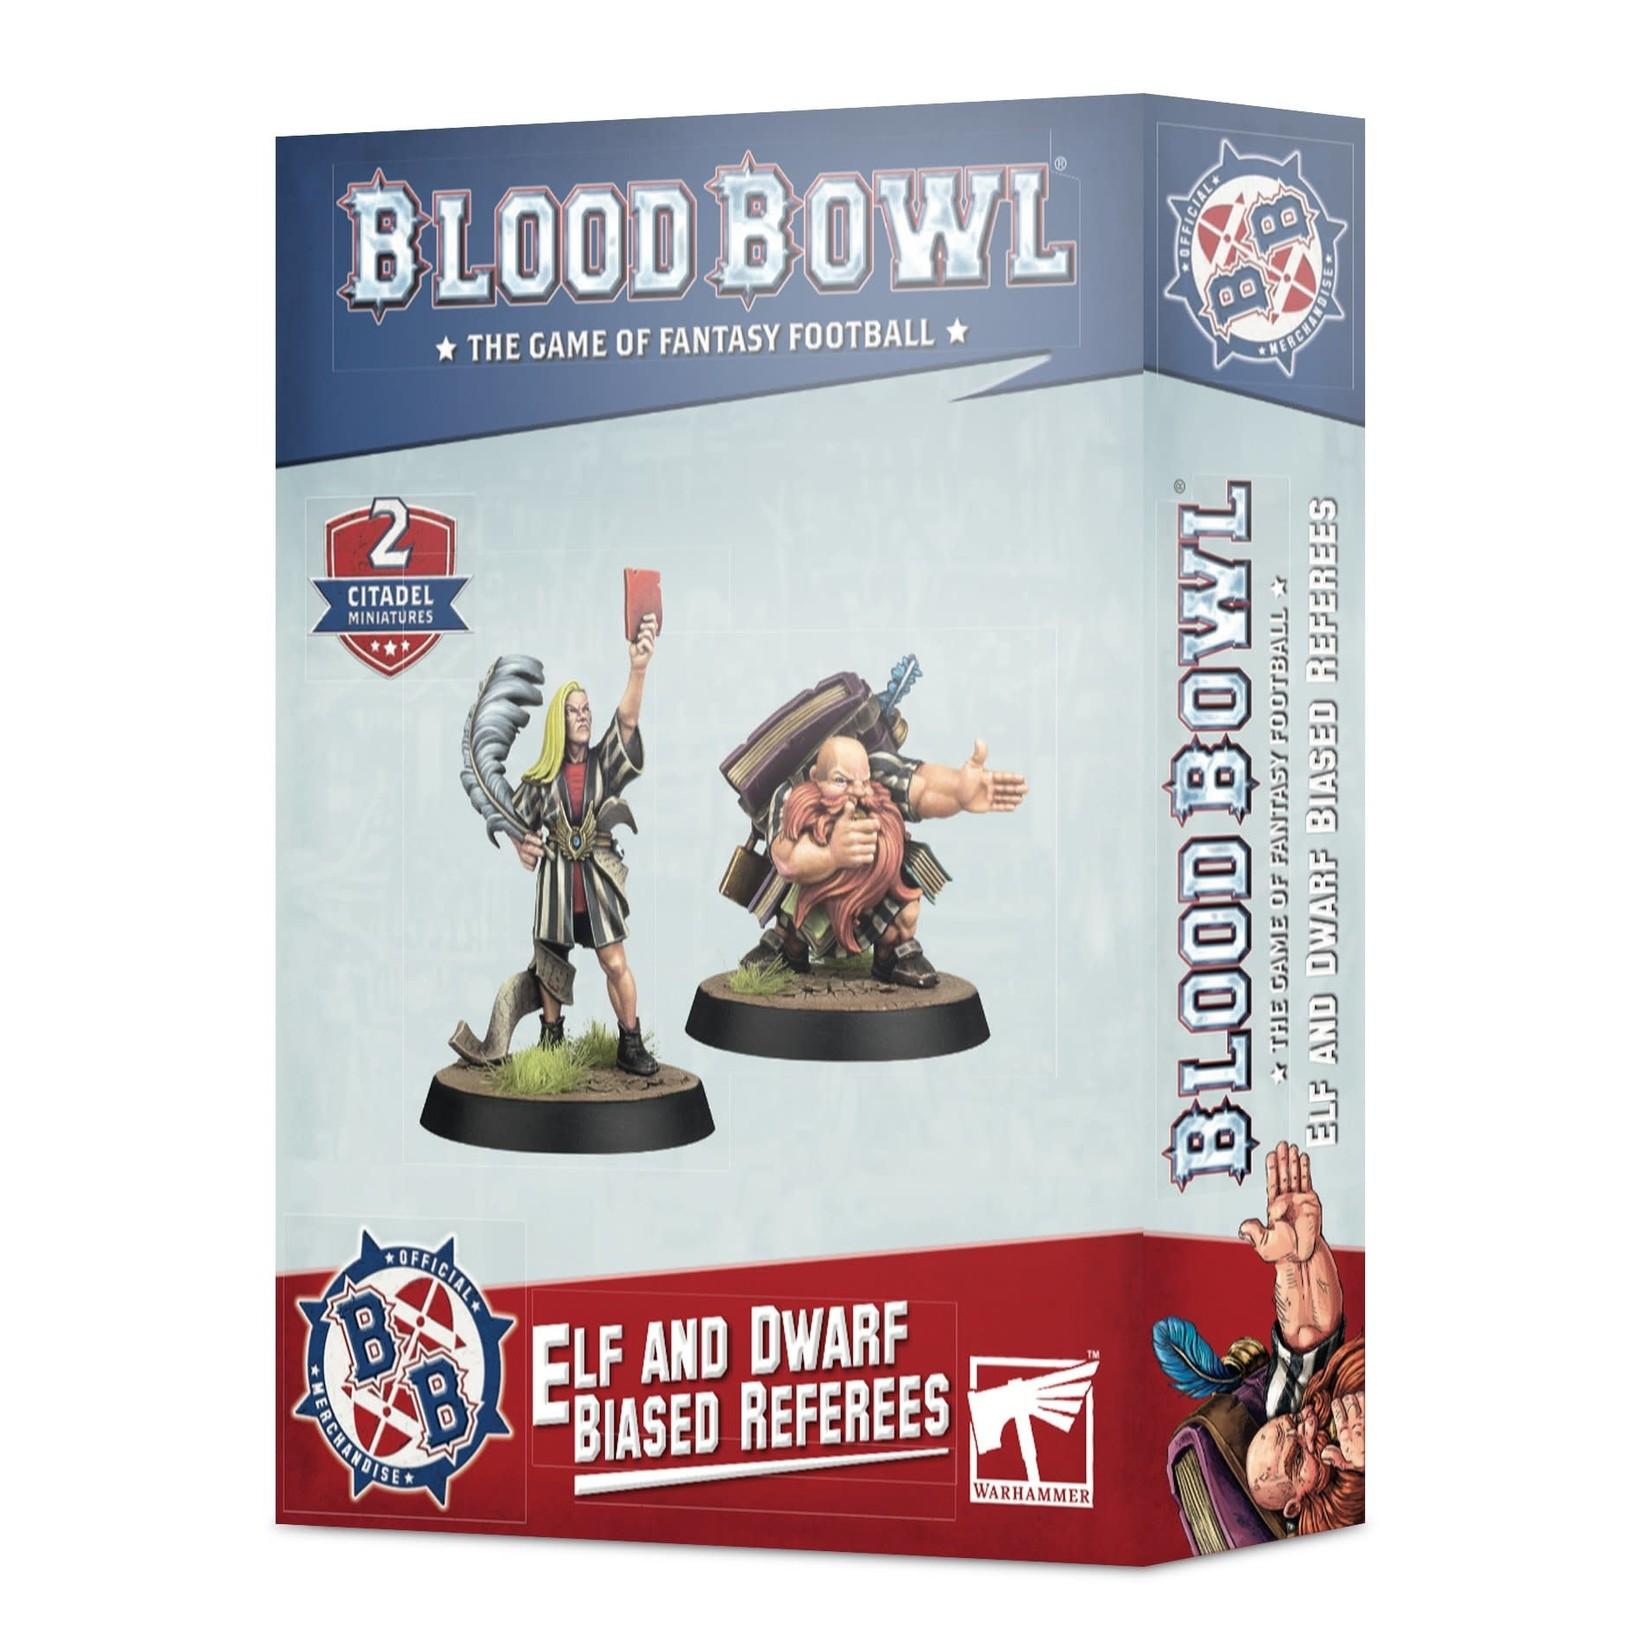 Games Workshop Blood Bowl Elf and Dwarf Biased Referees